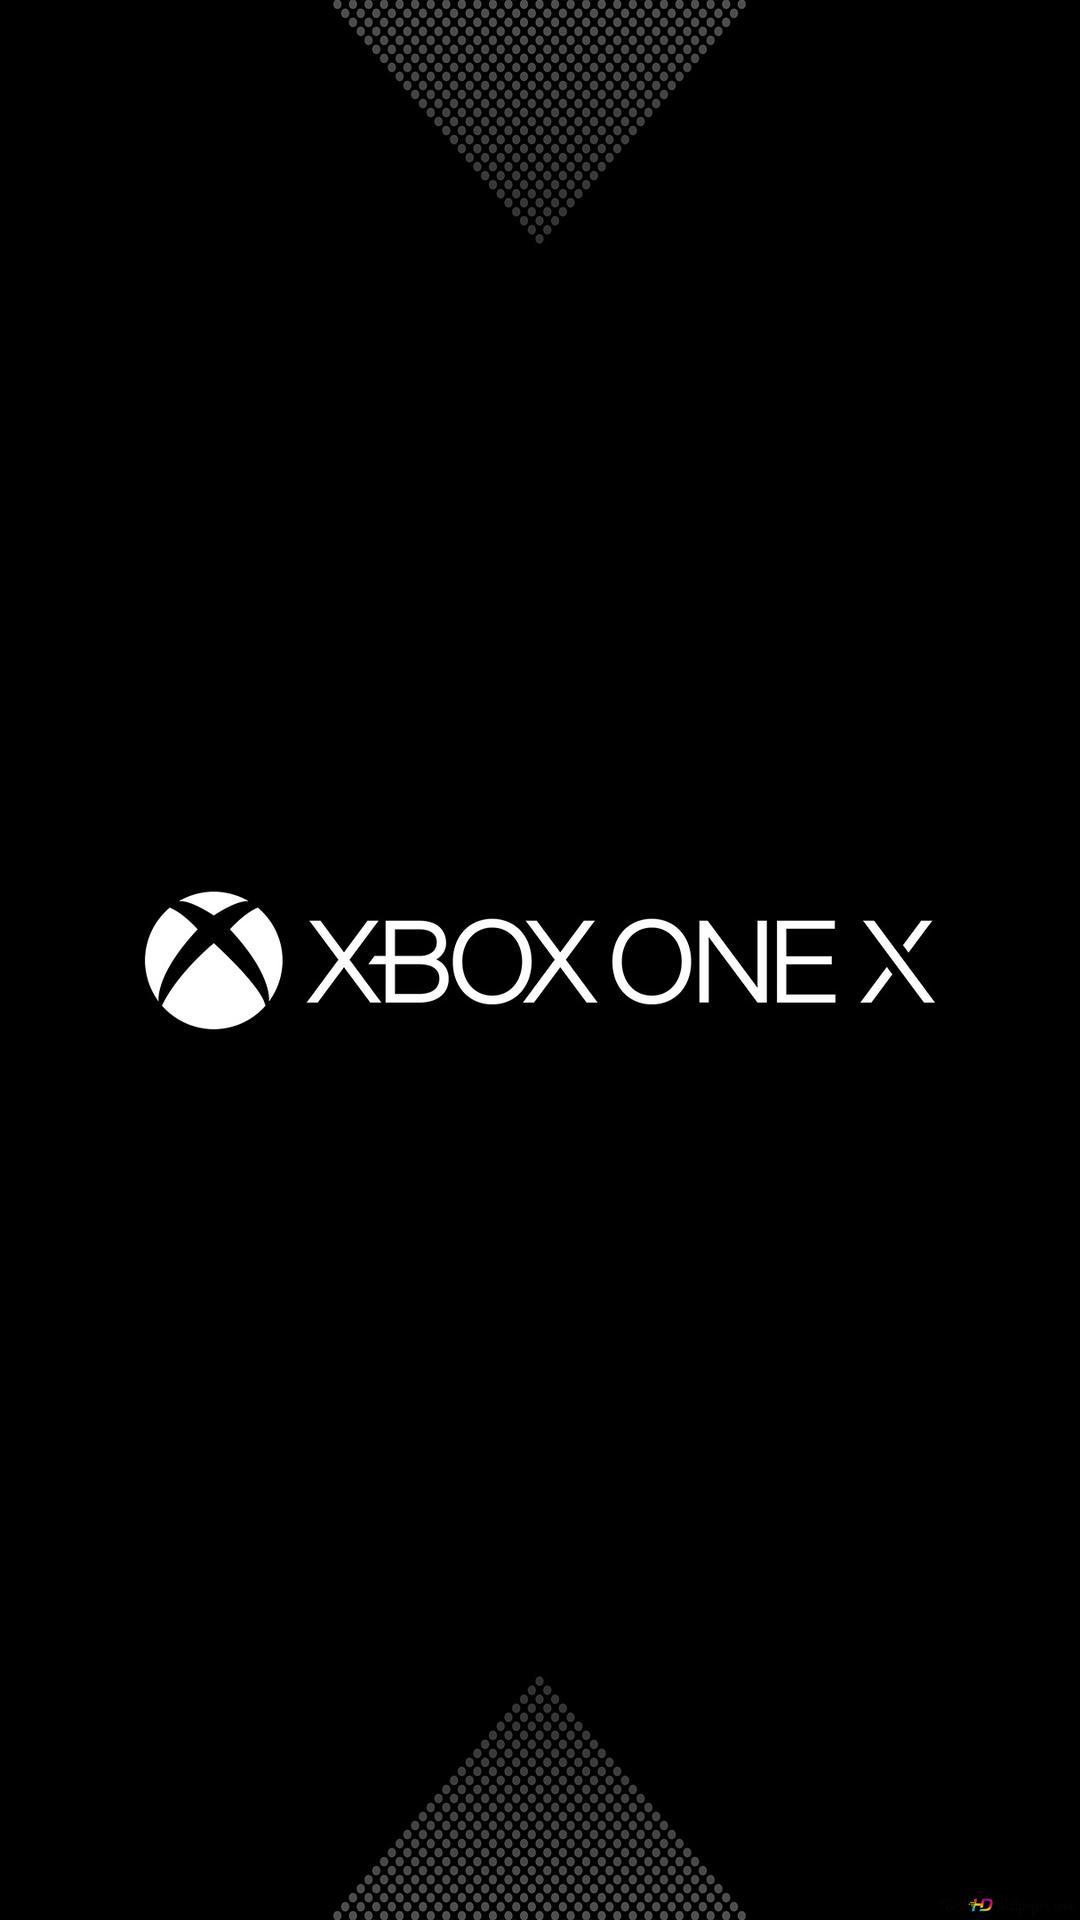 Xbox One X Logo Hd Wallpaper Download